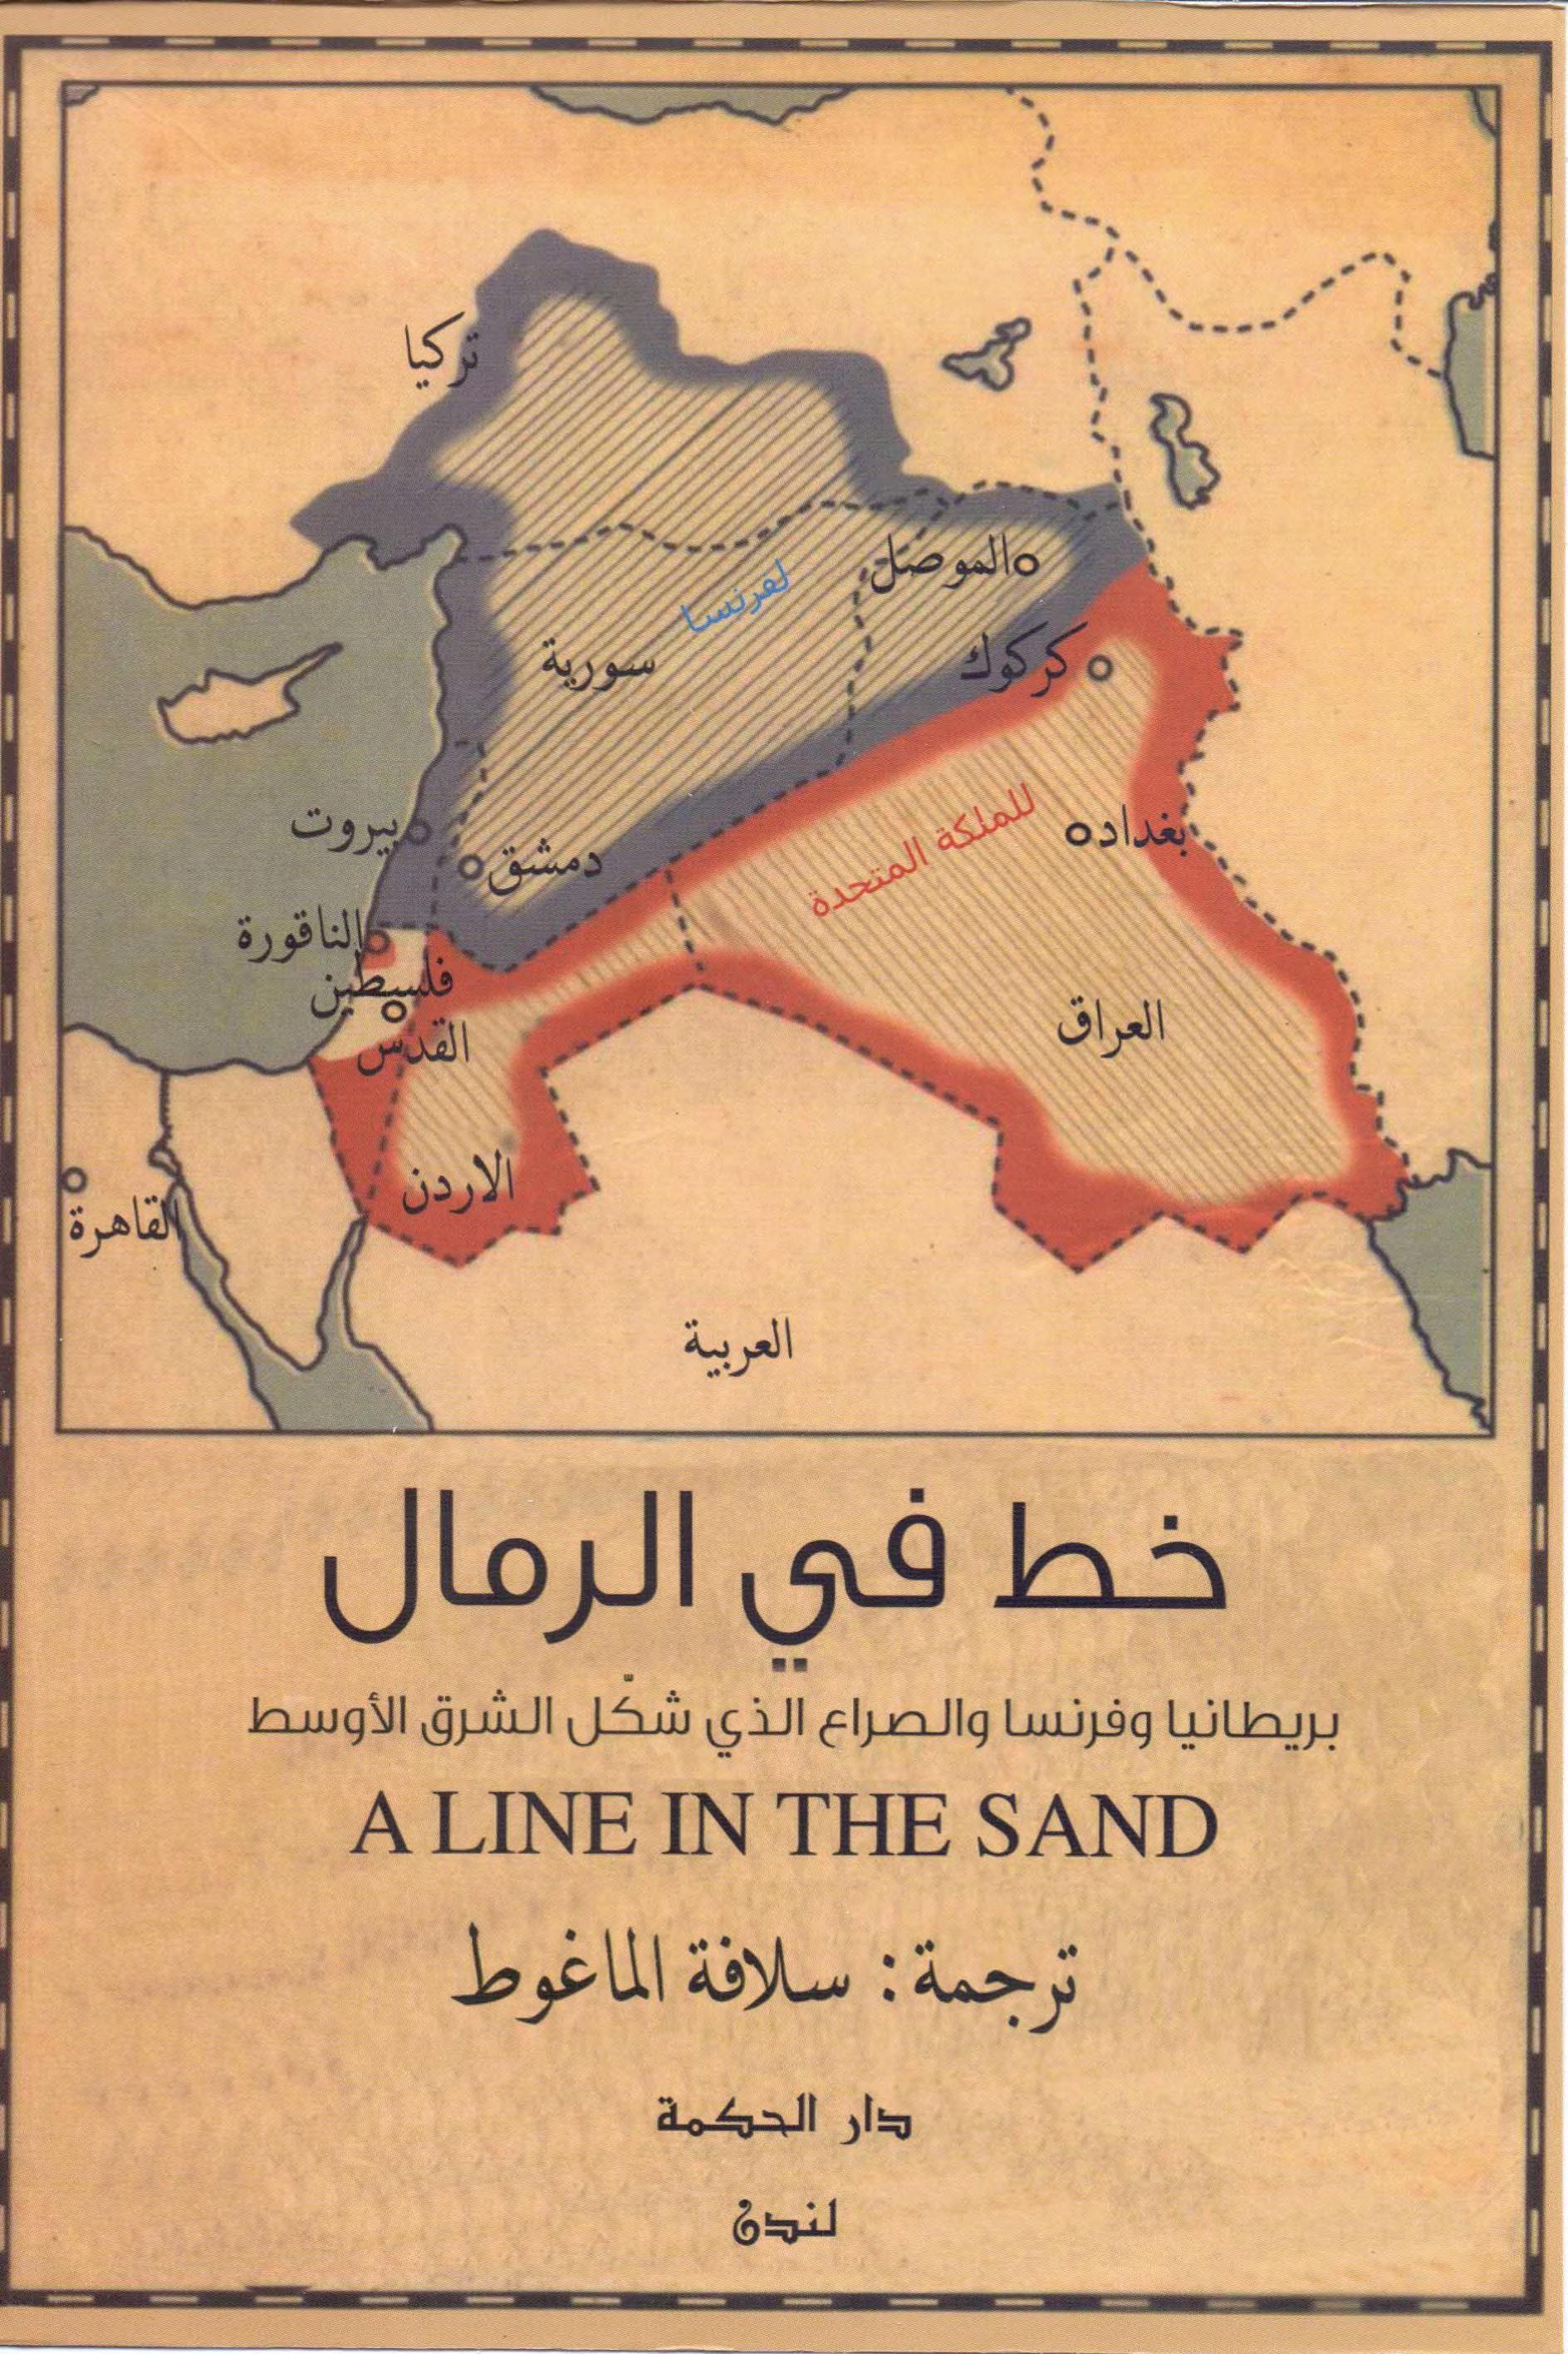 جيمس بار خط في الرمال James Barr A Line In The Sand Free Download Borrow And Streaming Internet Archive Arabic Books Pdf Books Reading Ebooks Free Books